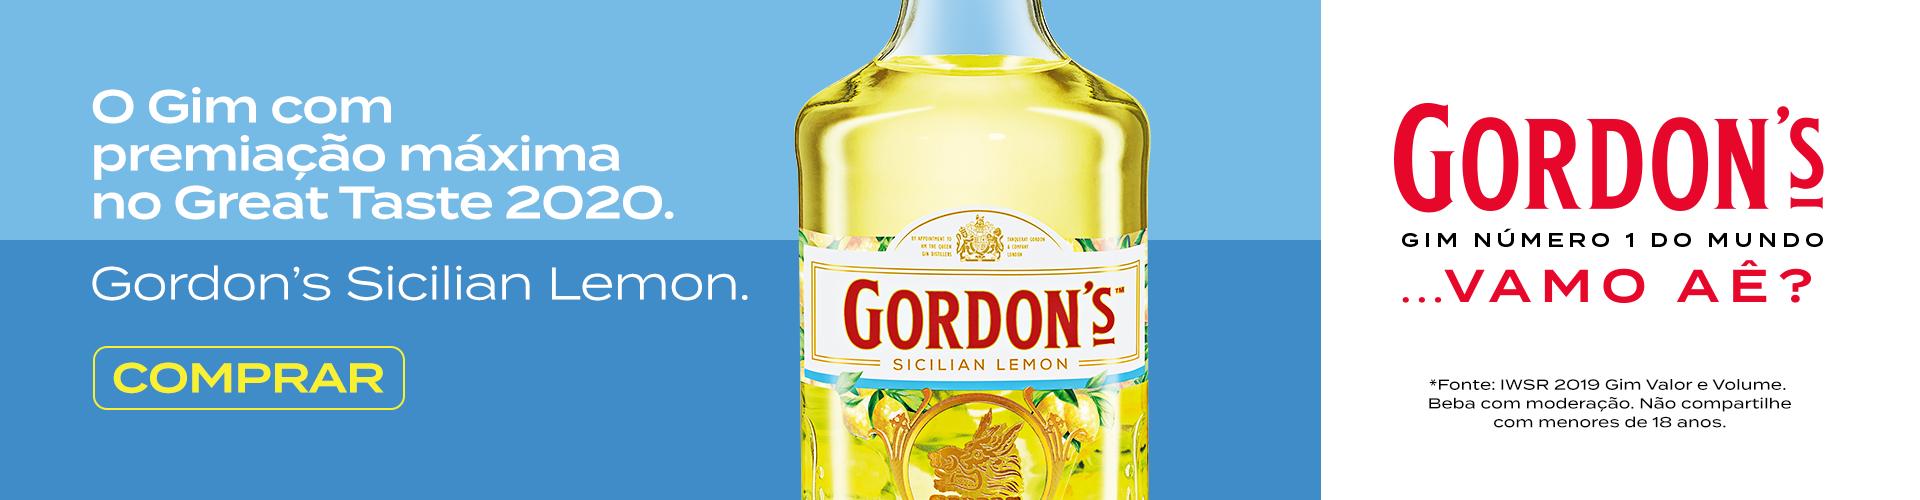 Gin Gordo